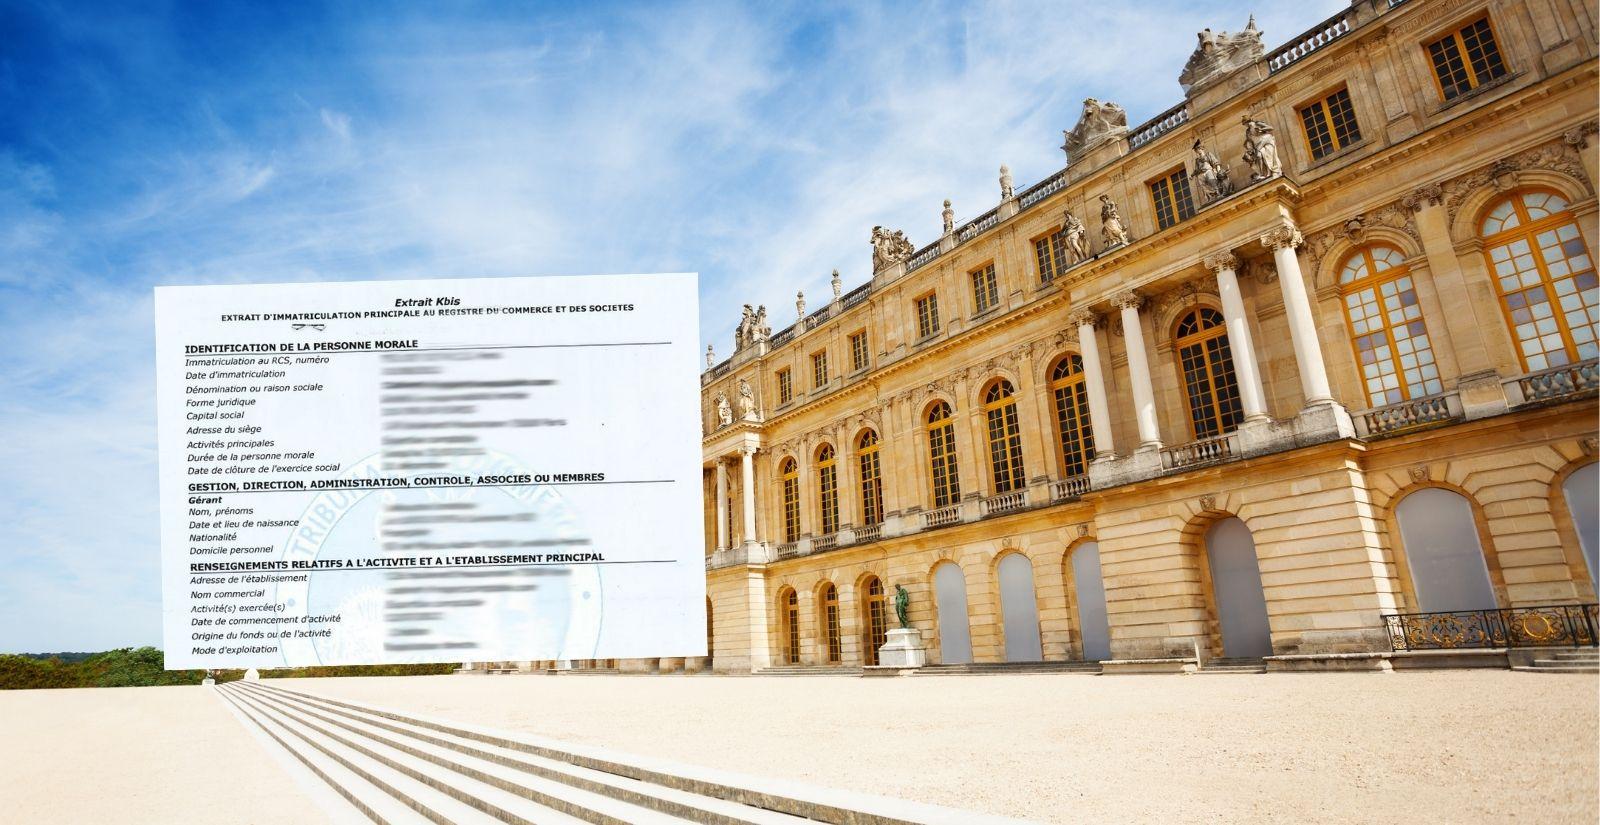 Extrait Kbis à Versailles